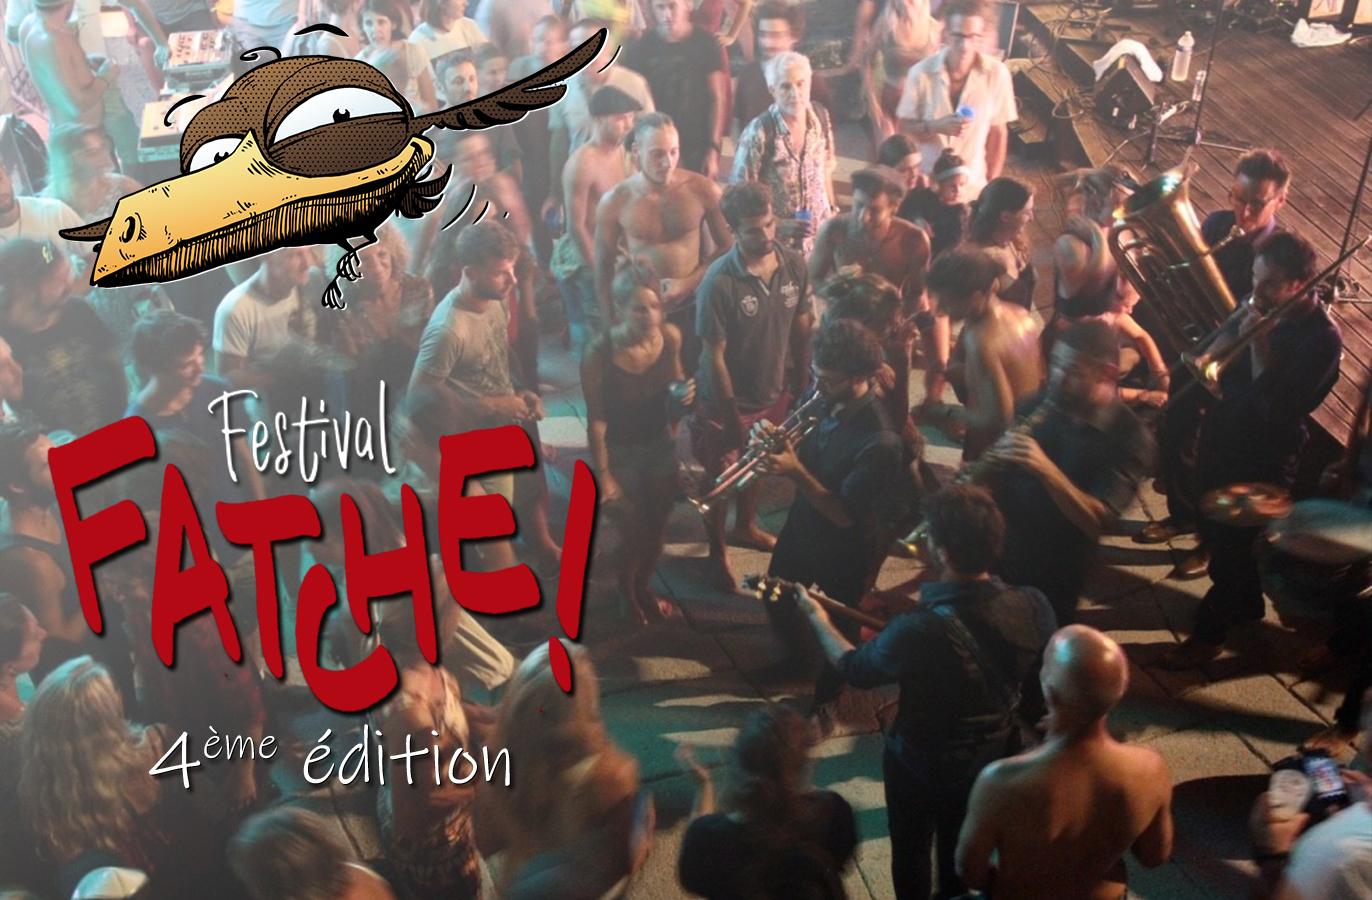 Festival Fatche! 4ème édition